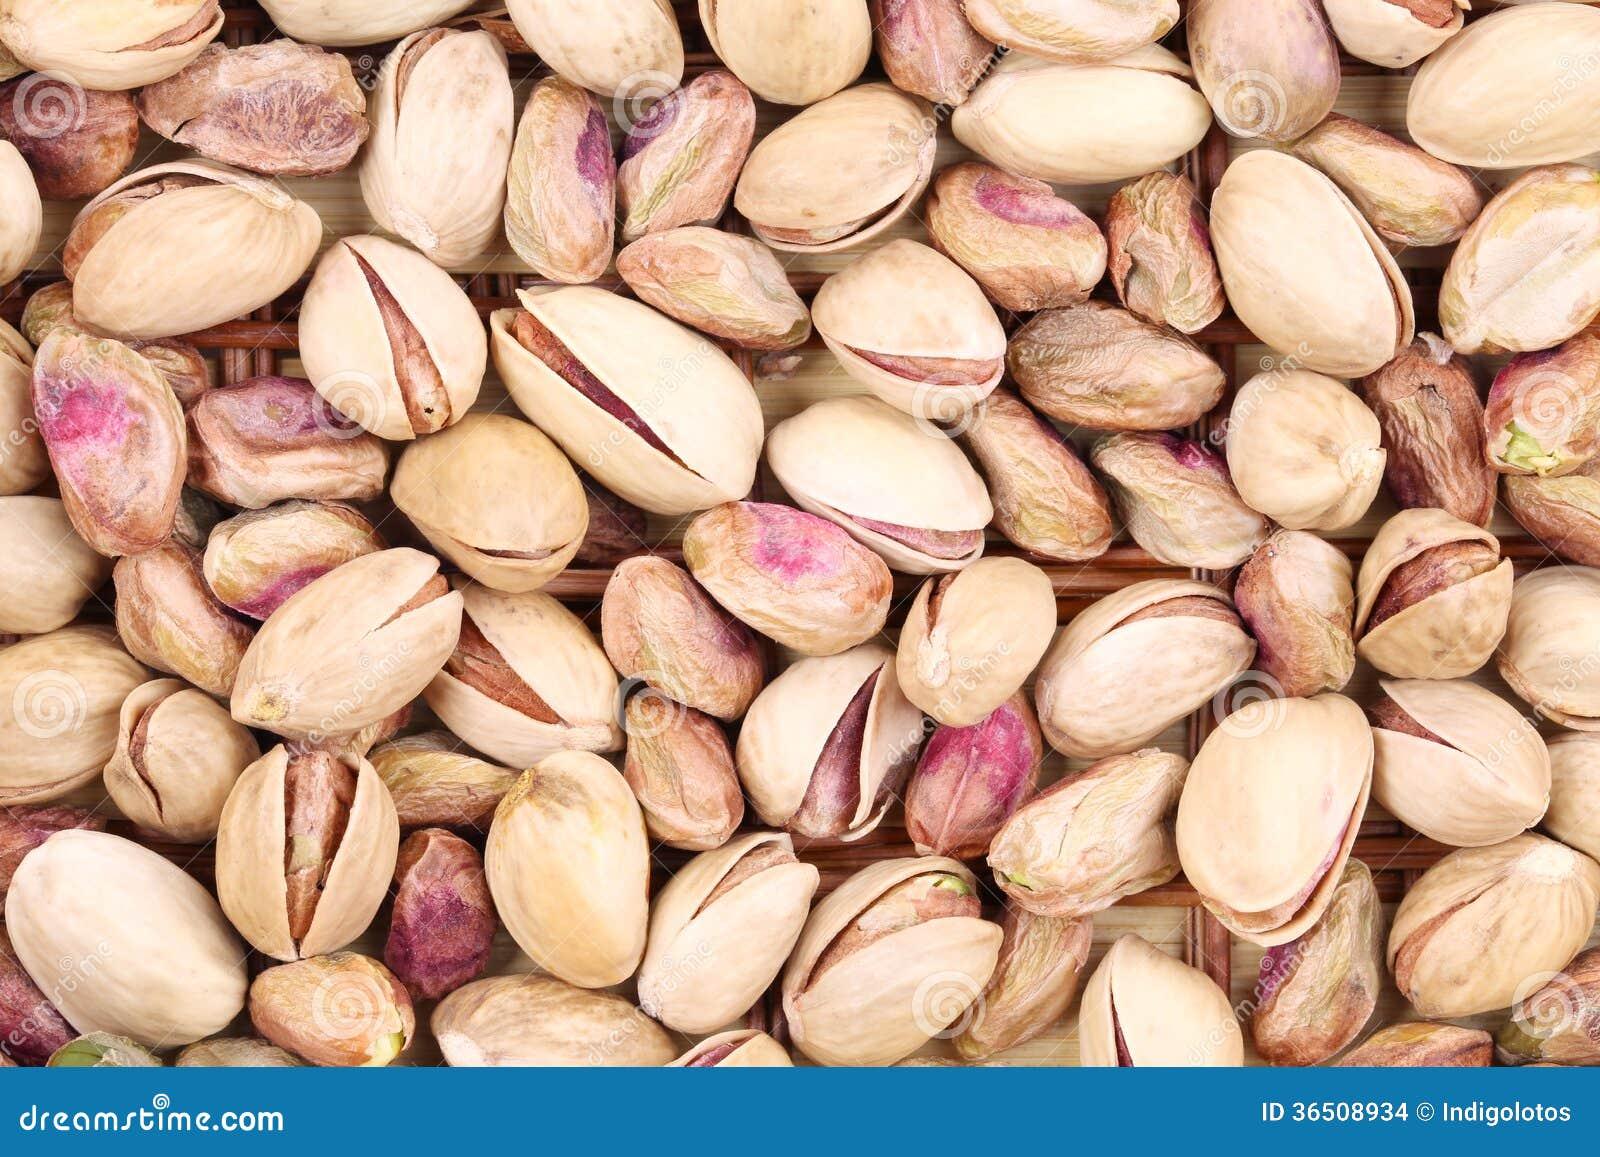 Fermez-vous de beaucoup de pistaches.